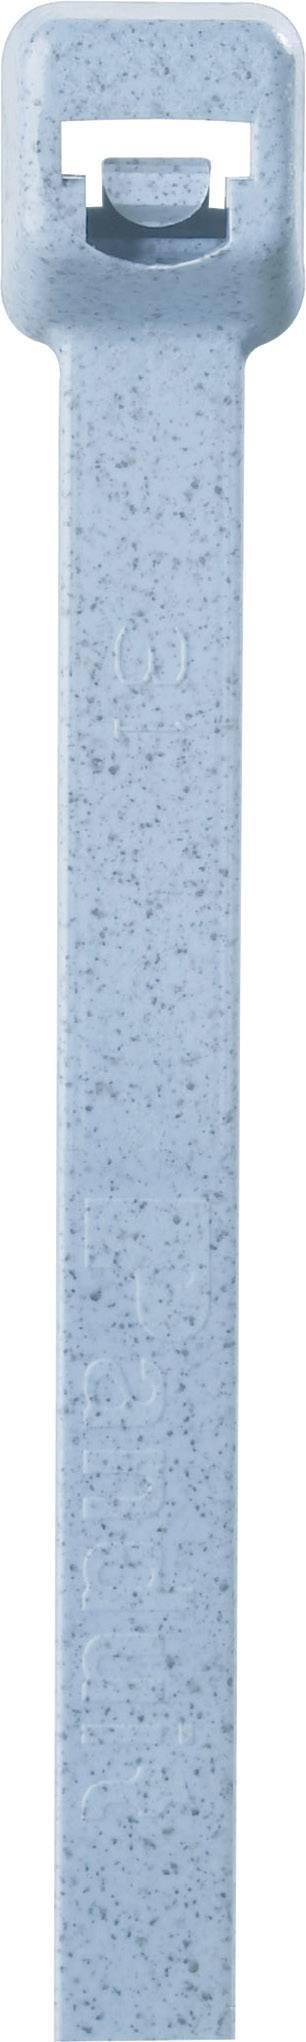 Sťahovacie pásky Panduit PLT2S-C86 ASTN-300, 186 mm, modrá, 100 ks